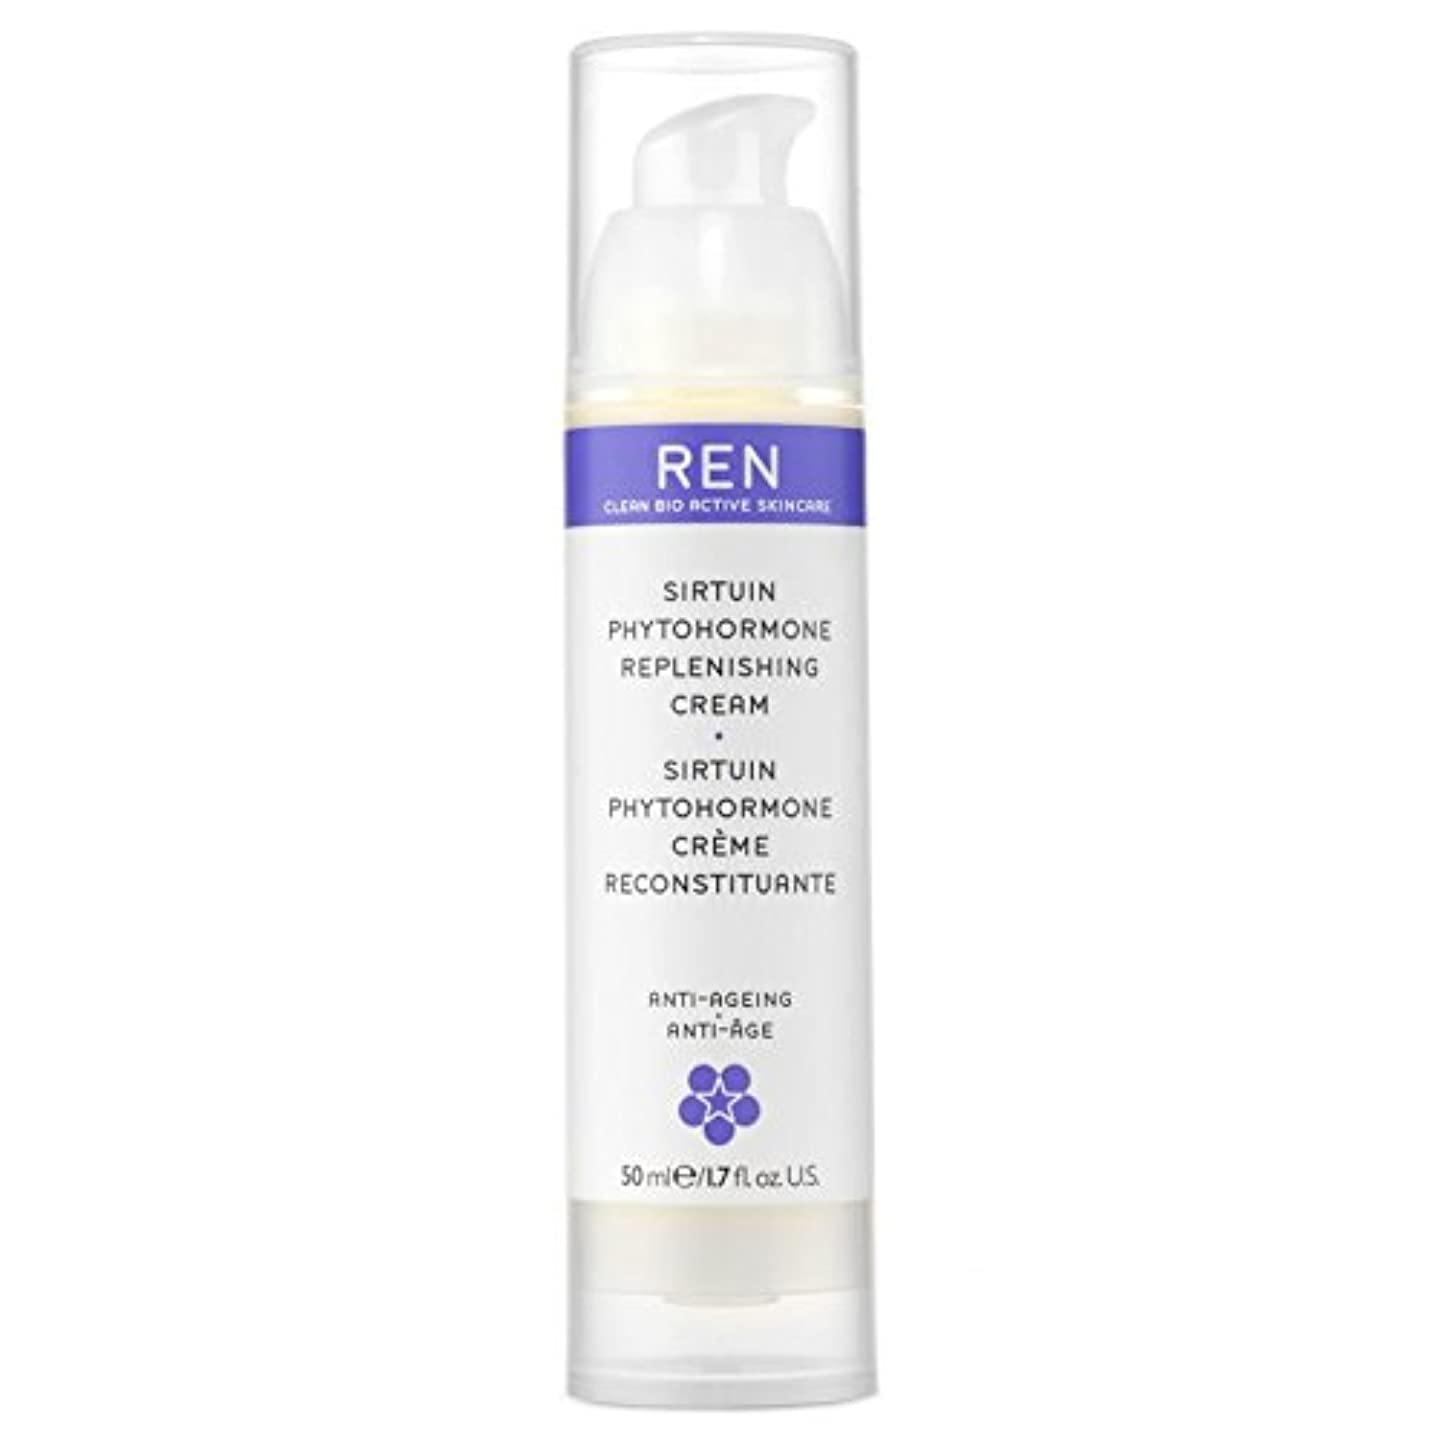 革命重要な日常的にREN Sirtuin Phytohormone Replenishing Cream - サーチュイン植物ホルモン補充クリーム [並行輸入品]